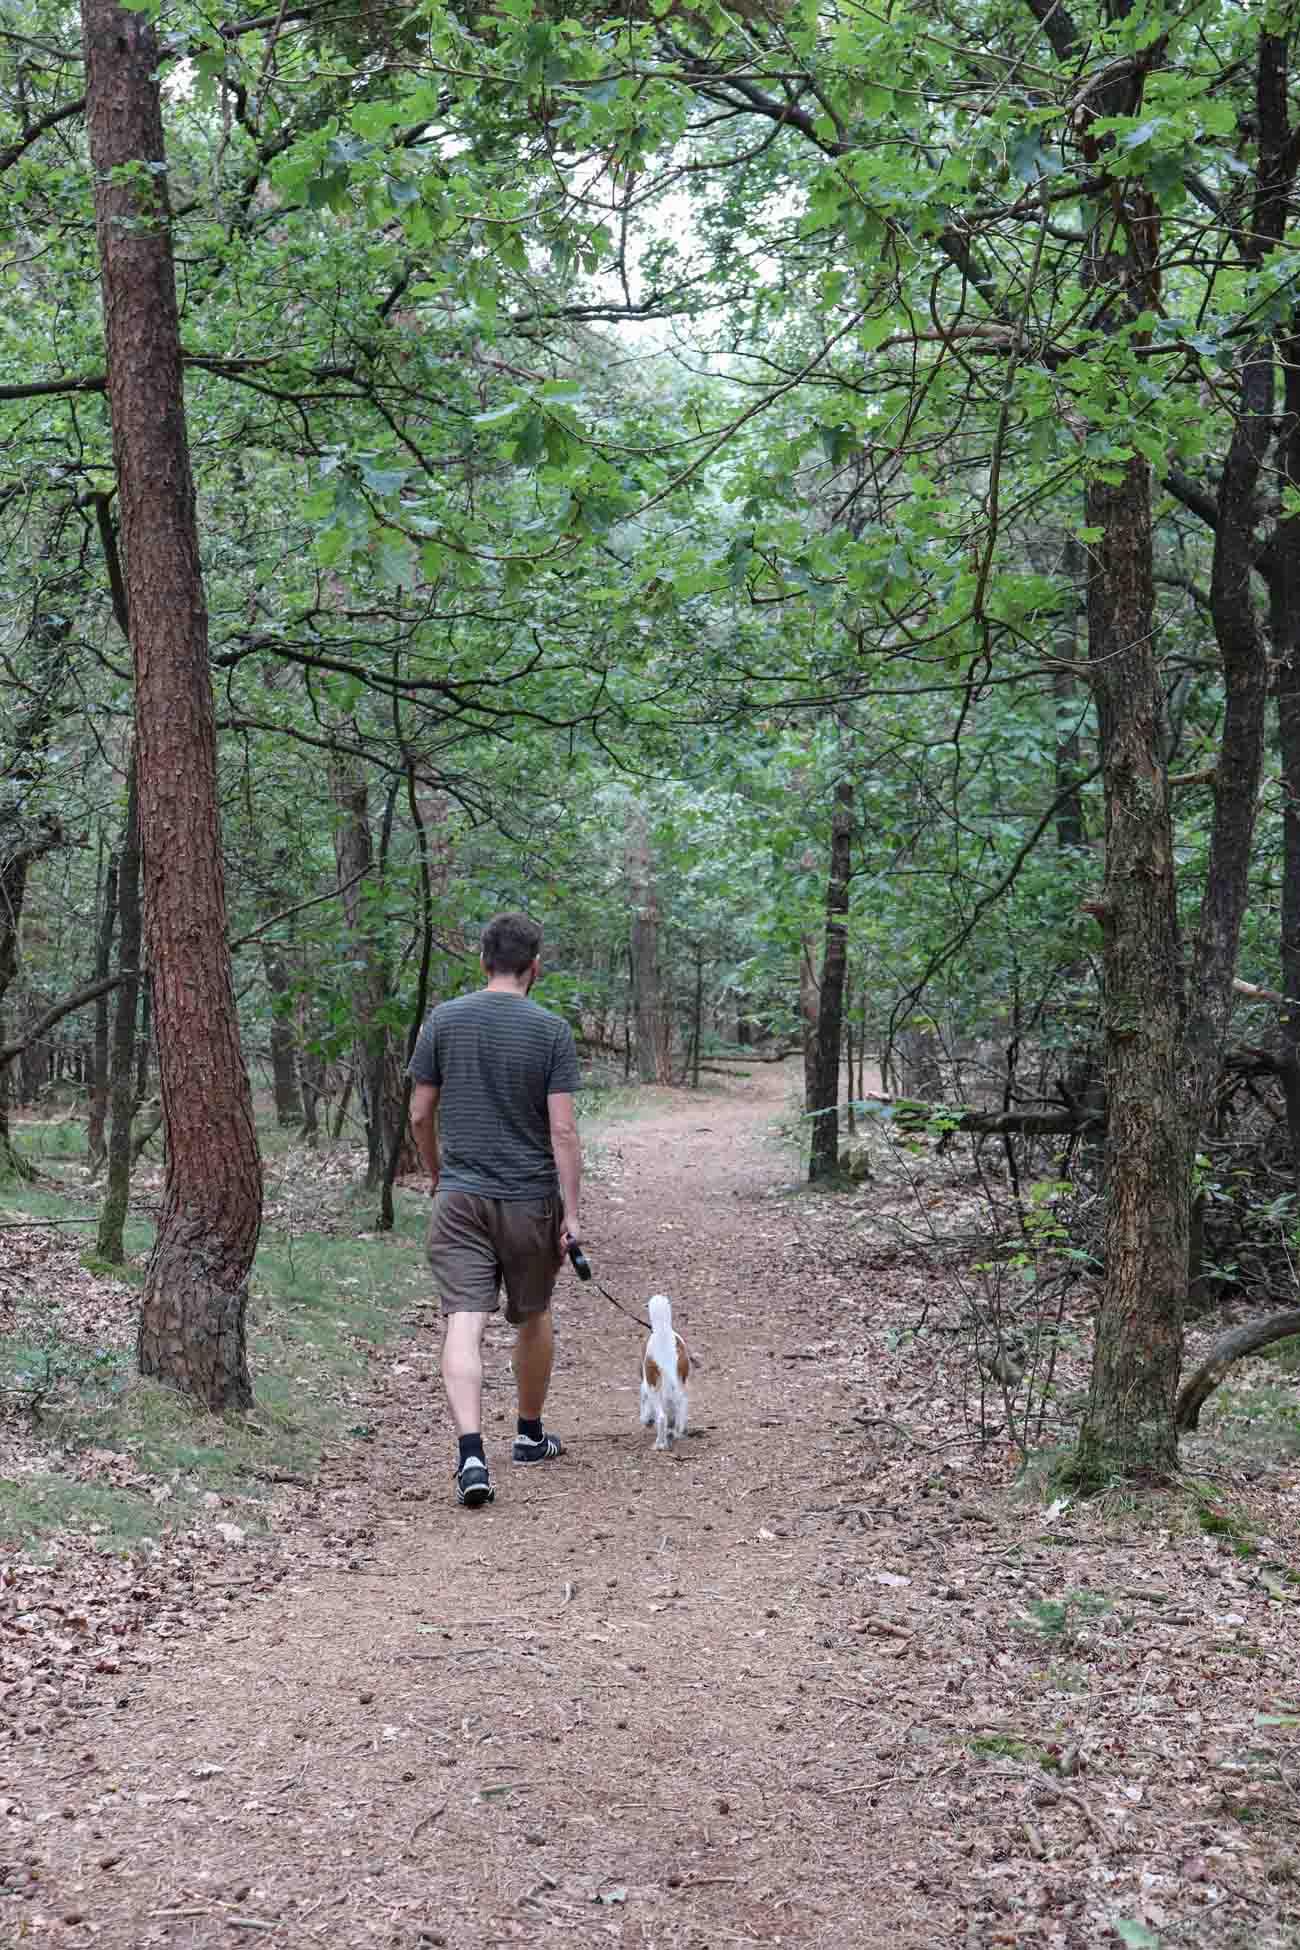 Met de hond naar het leukste losloopgebied in het Dwingelderveld - Woef Welkom